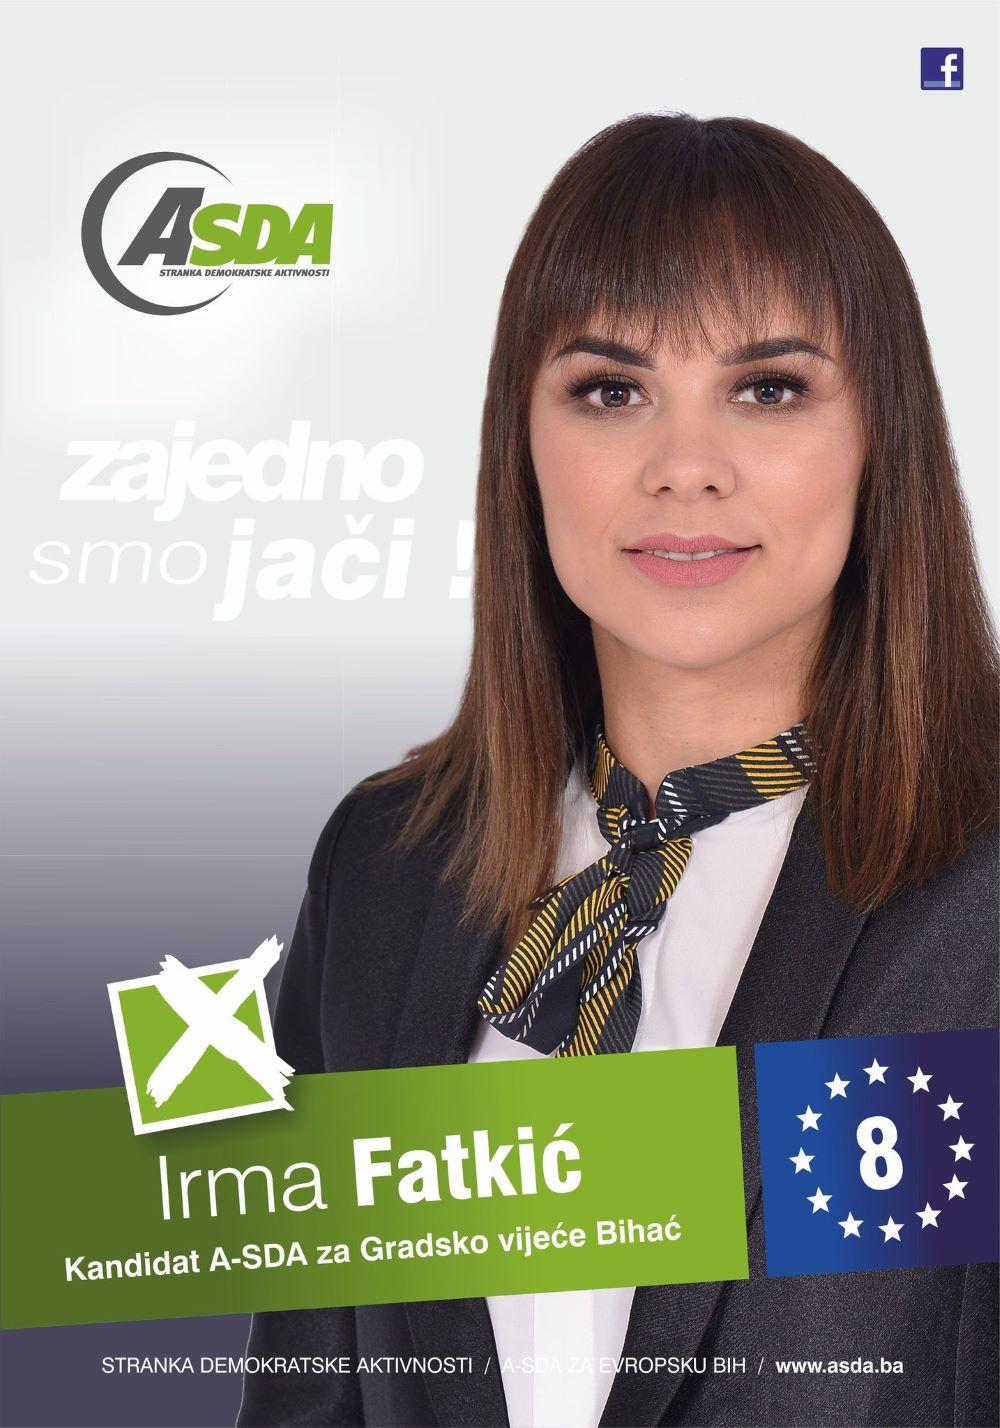 Irma Fatkić